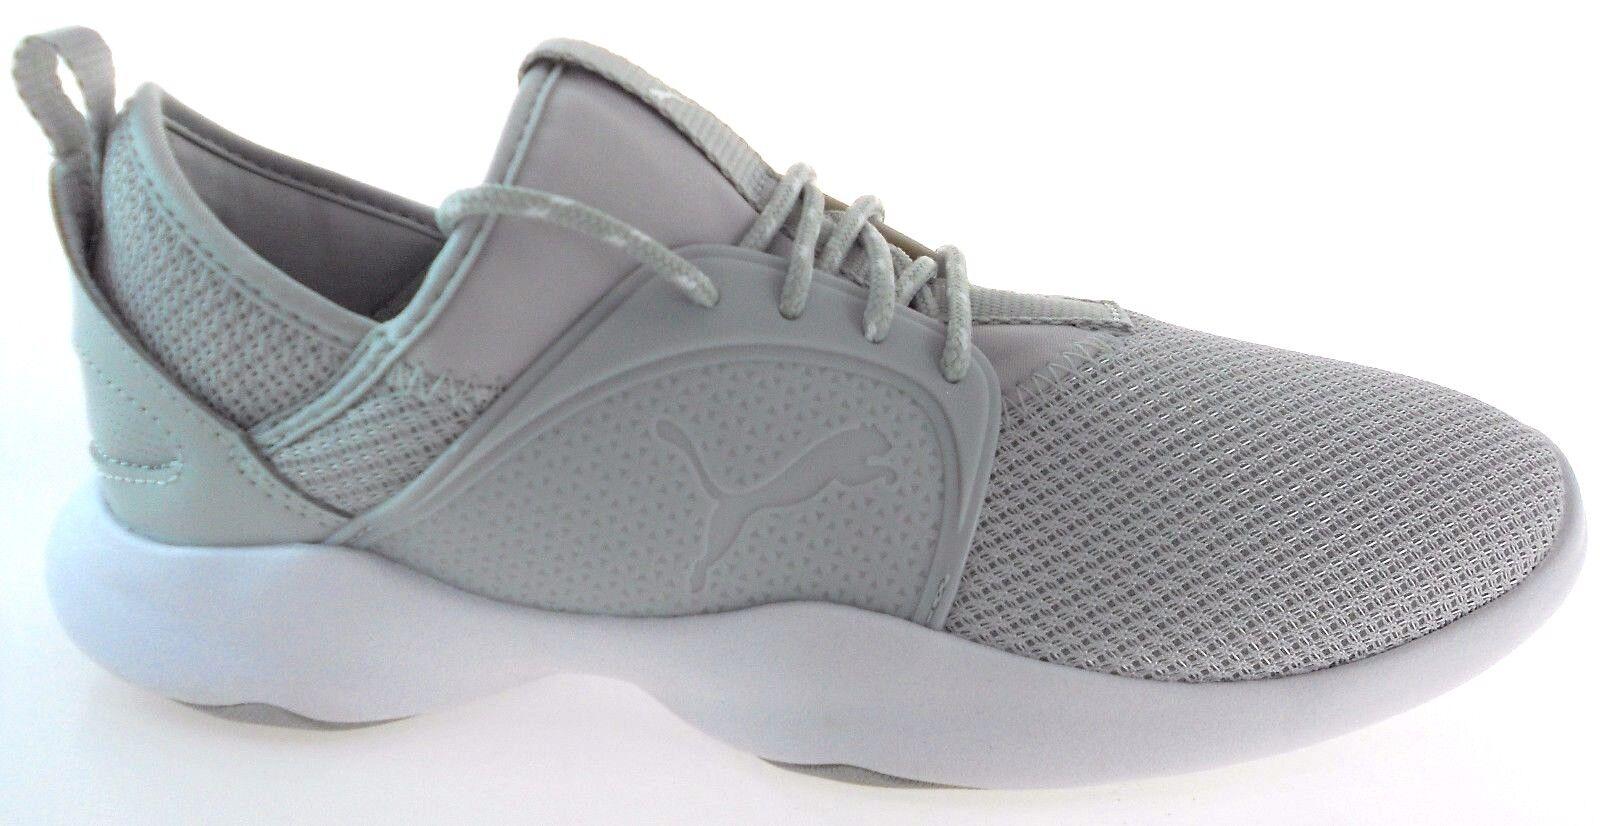 PUMA DARE LACE femmes gris  VIOLET  Chaussures  #36369802